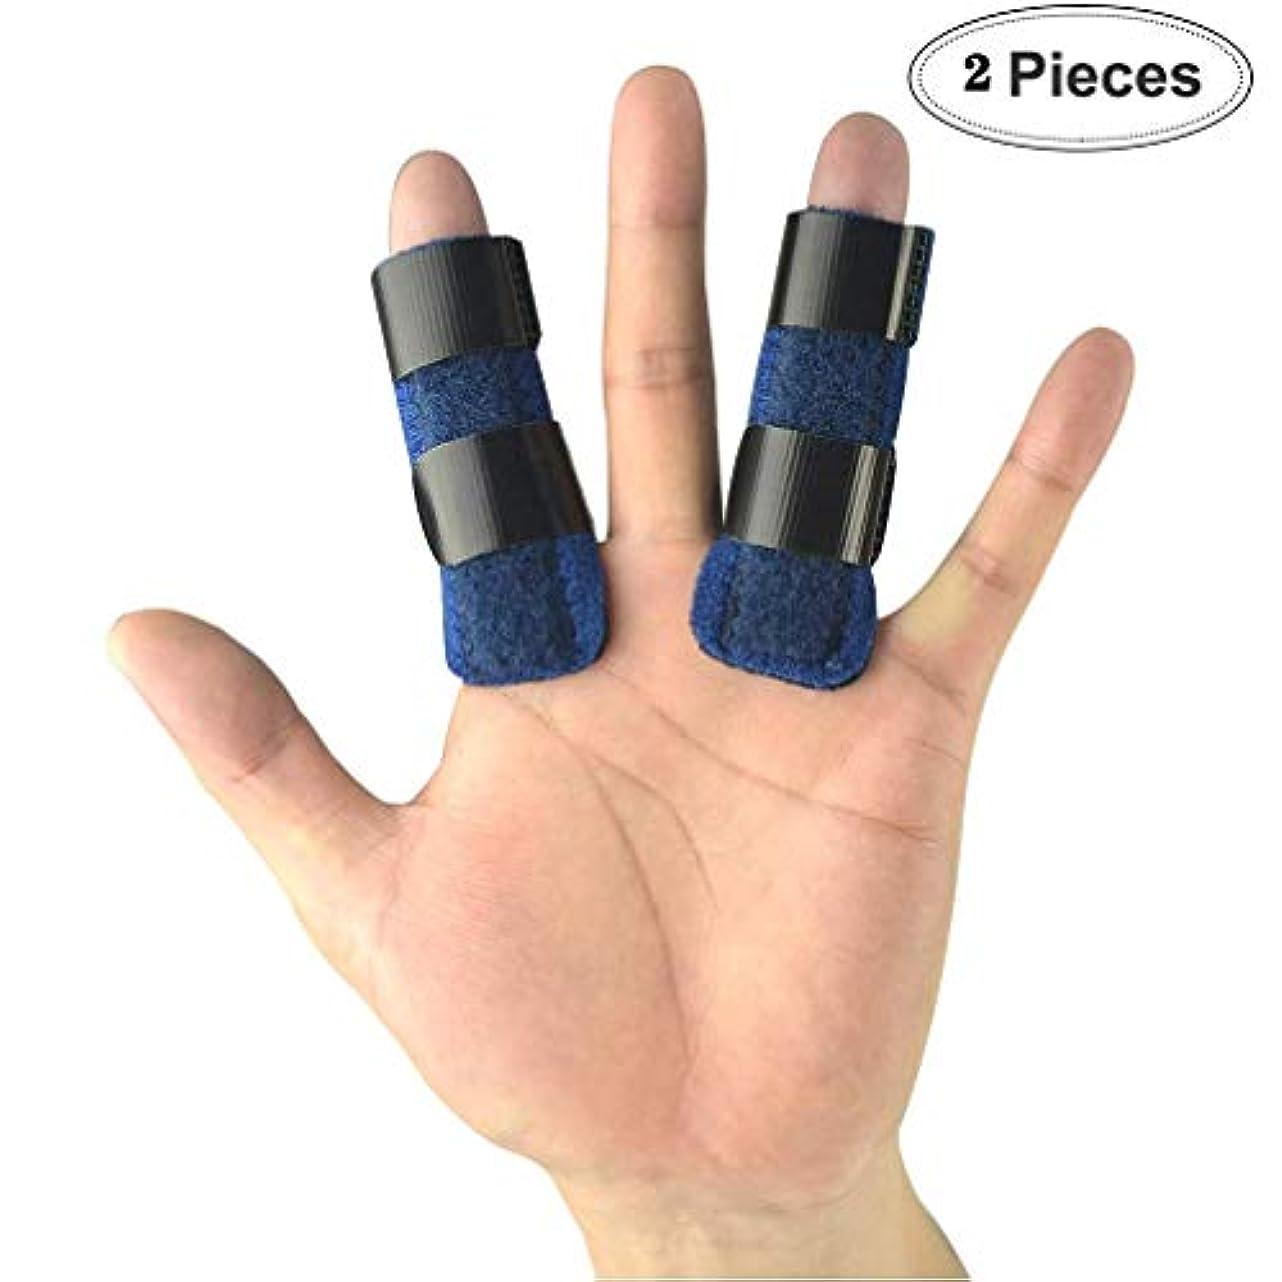 石鹸キャプチャー漂流マレットフィンガー中指、小指の指、関節炎、ブロークン?フィンガー(2パック)用ばね指スプリント、指イモビライザーが内蔵アルミのサポートトリガー、